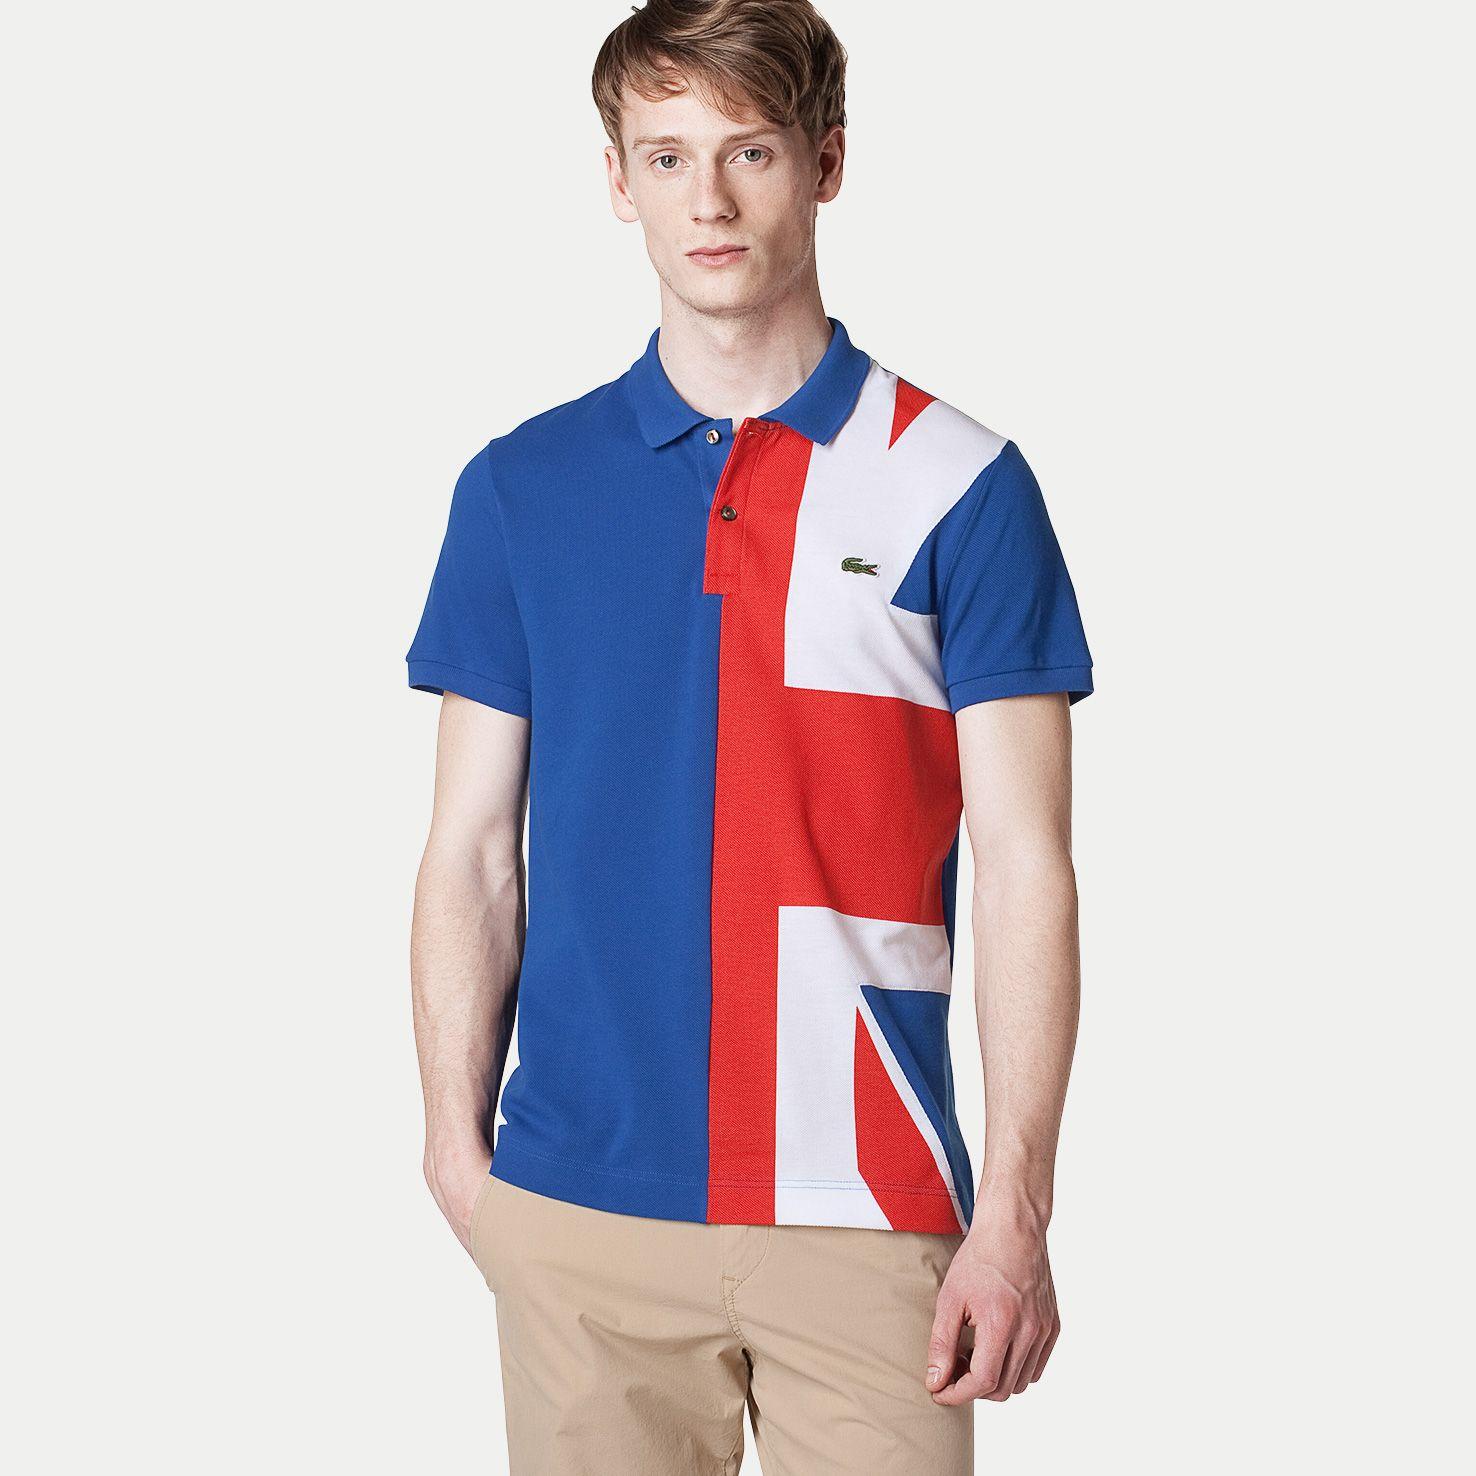 e3cc2f1a780a9c Lacoste Slim Flag Polo - UK